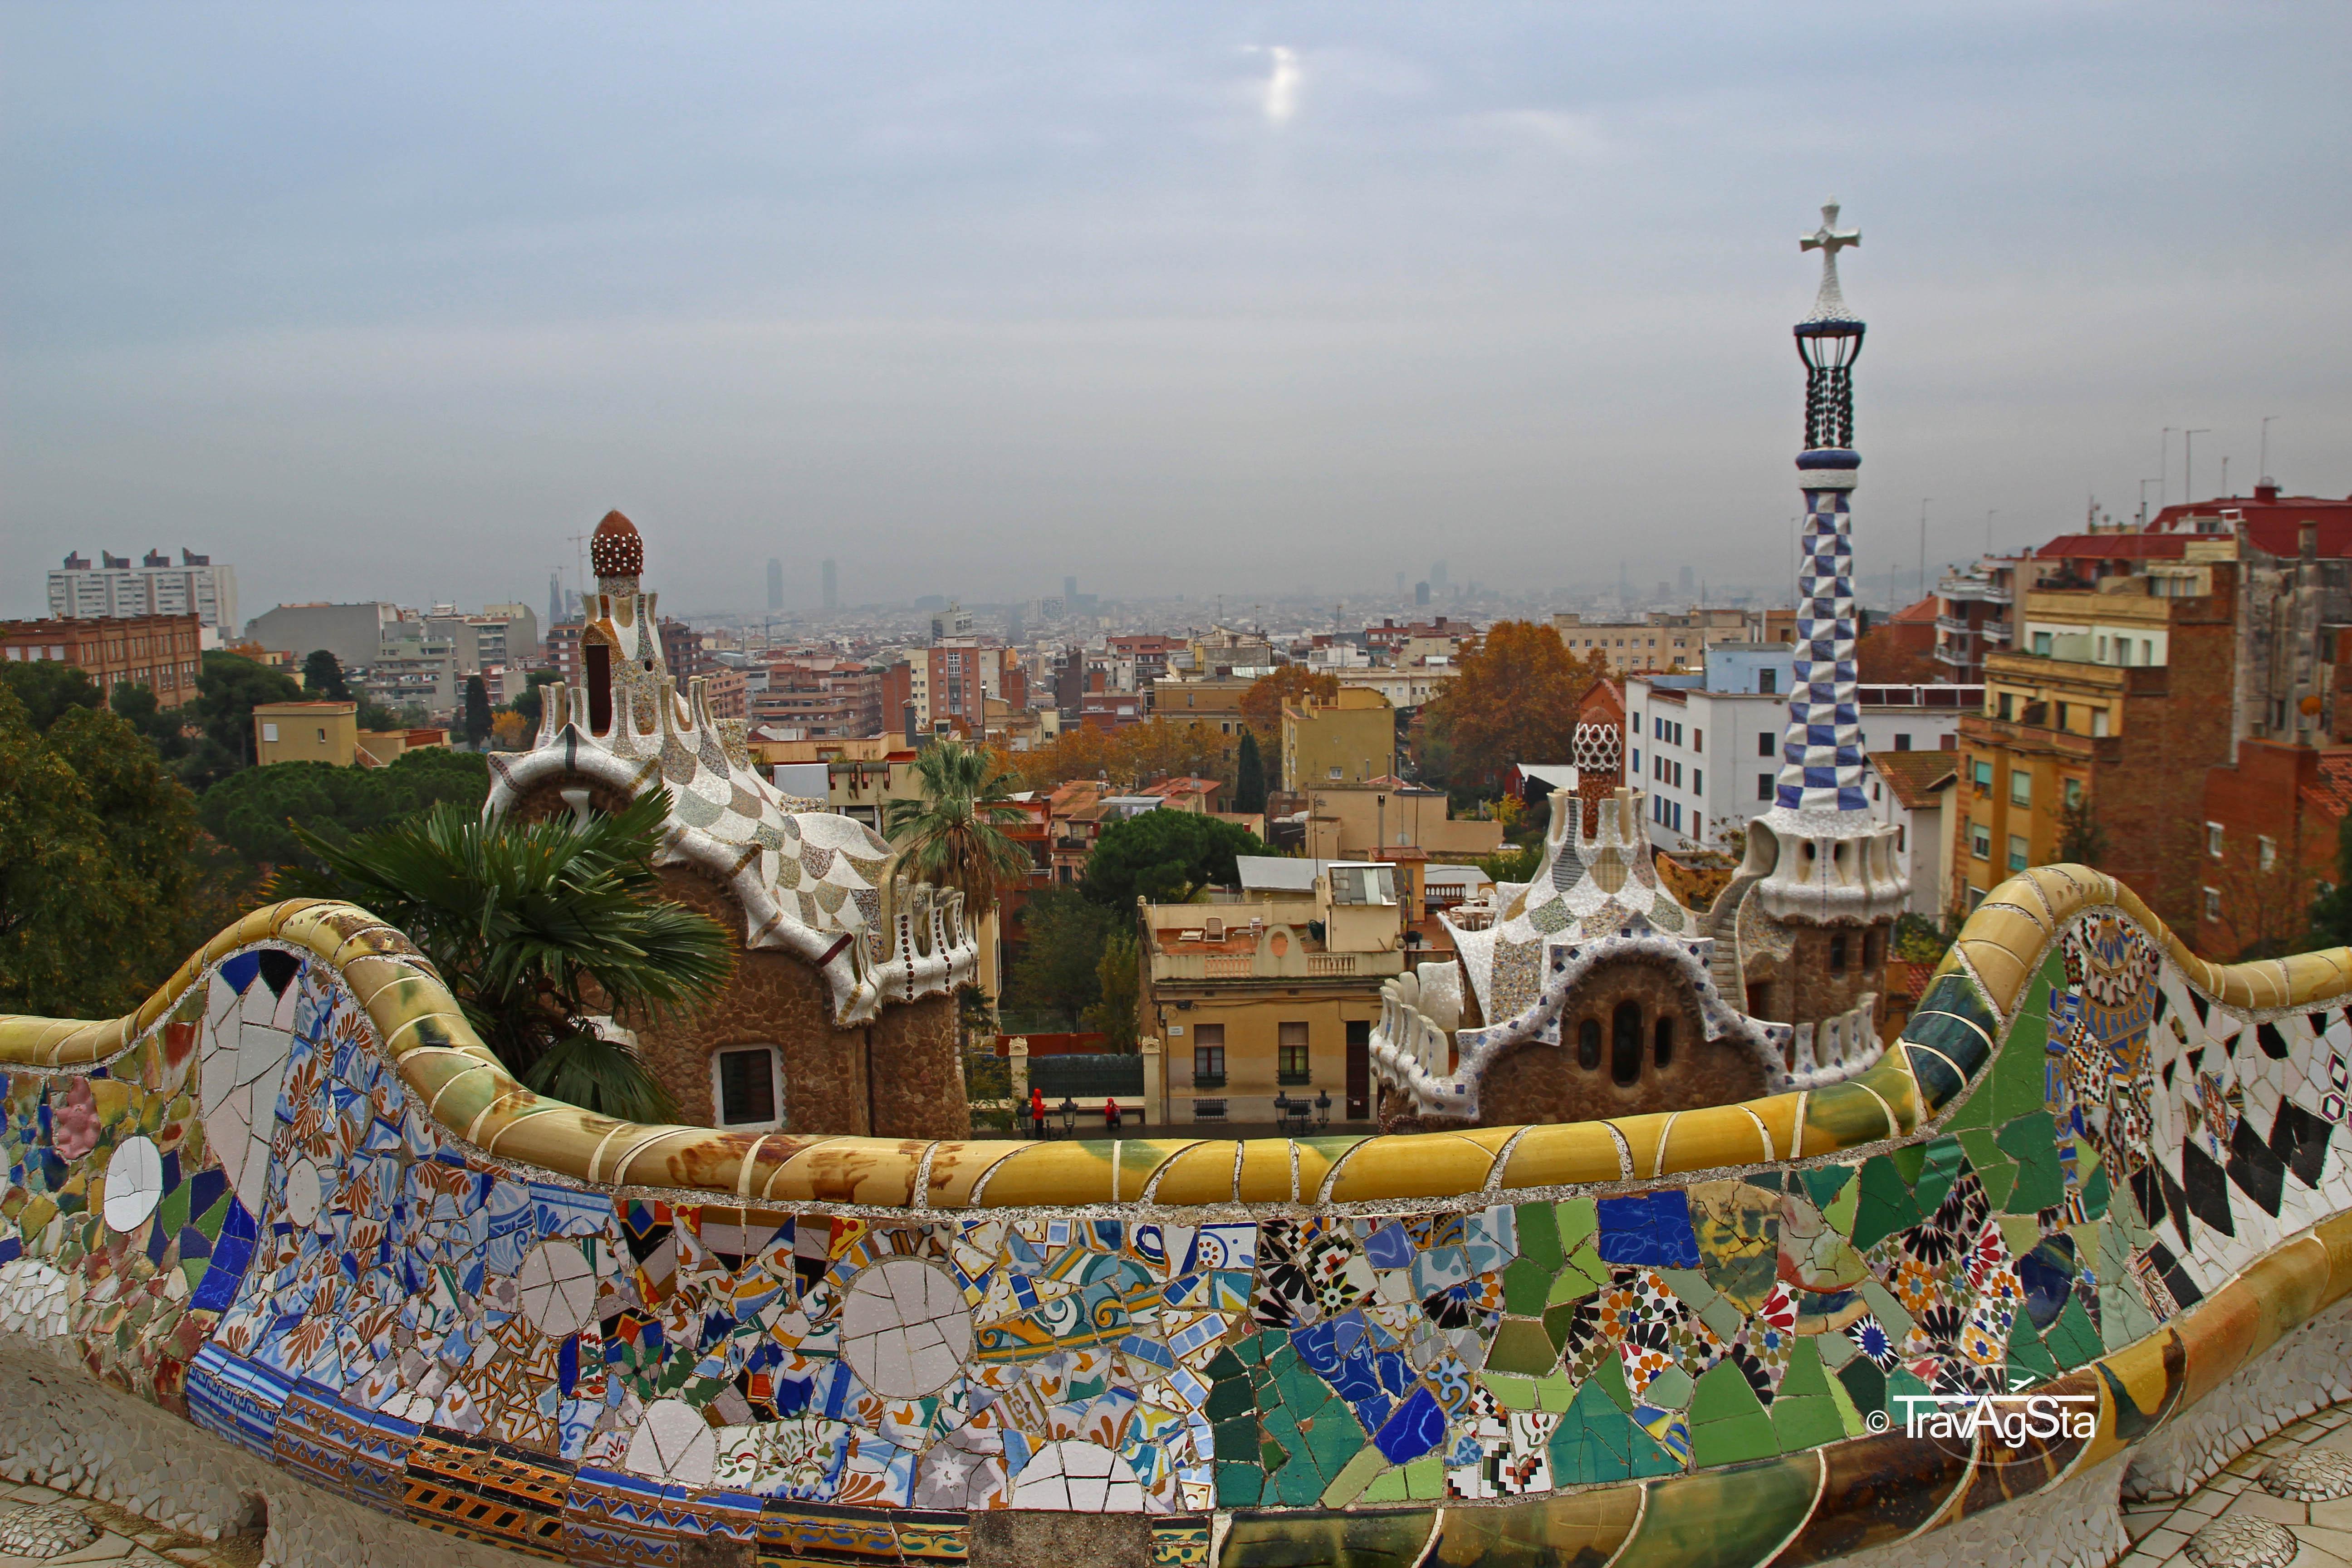 Städtetrip nach Barcelona – Gaudí, Iberico & Weihnachten! Teil 1